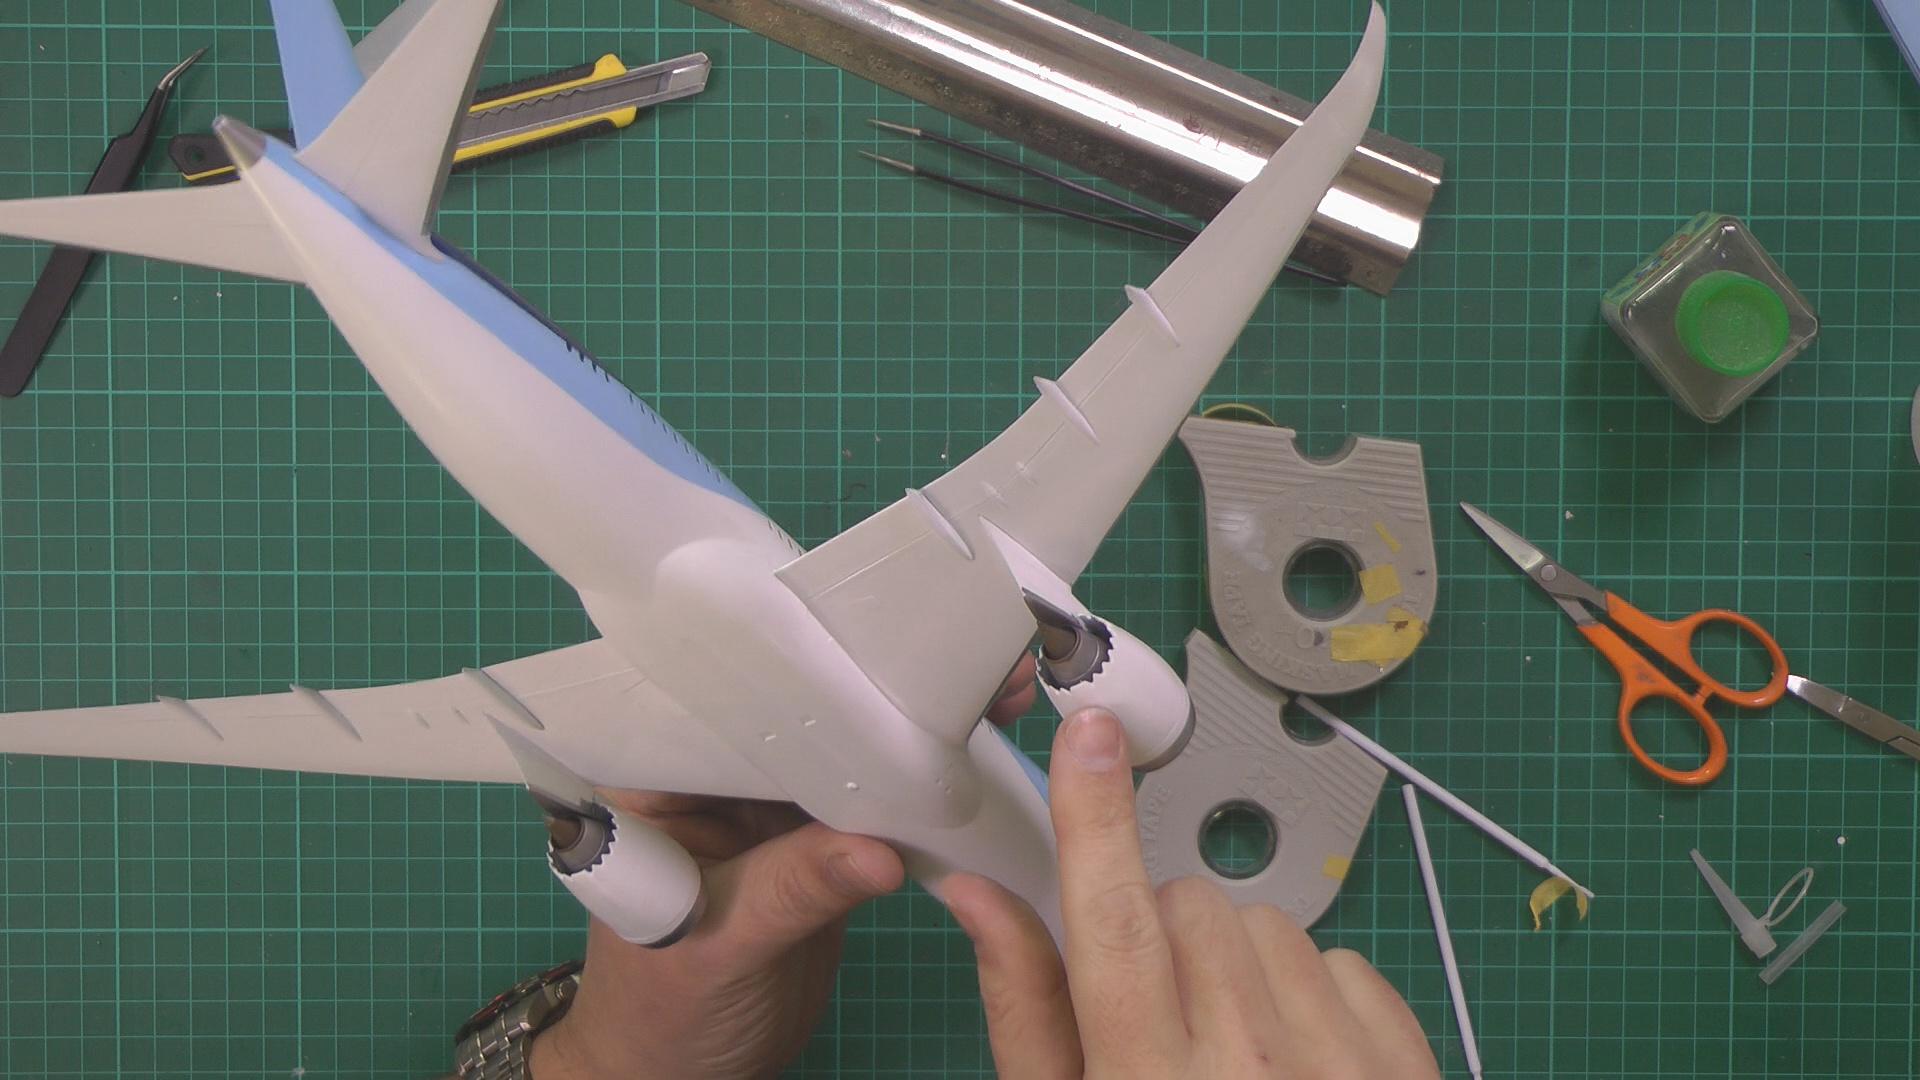 Revell 787 Dreamliner Part 6 PIC 1.jpg